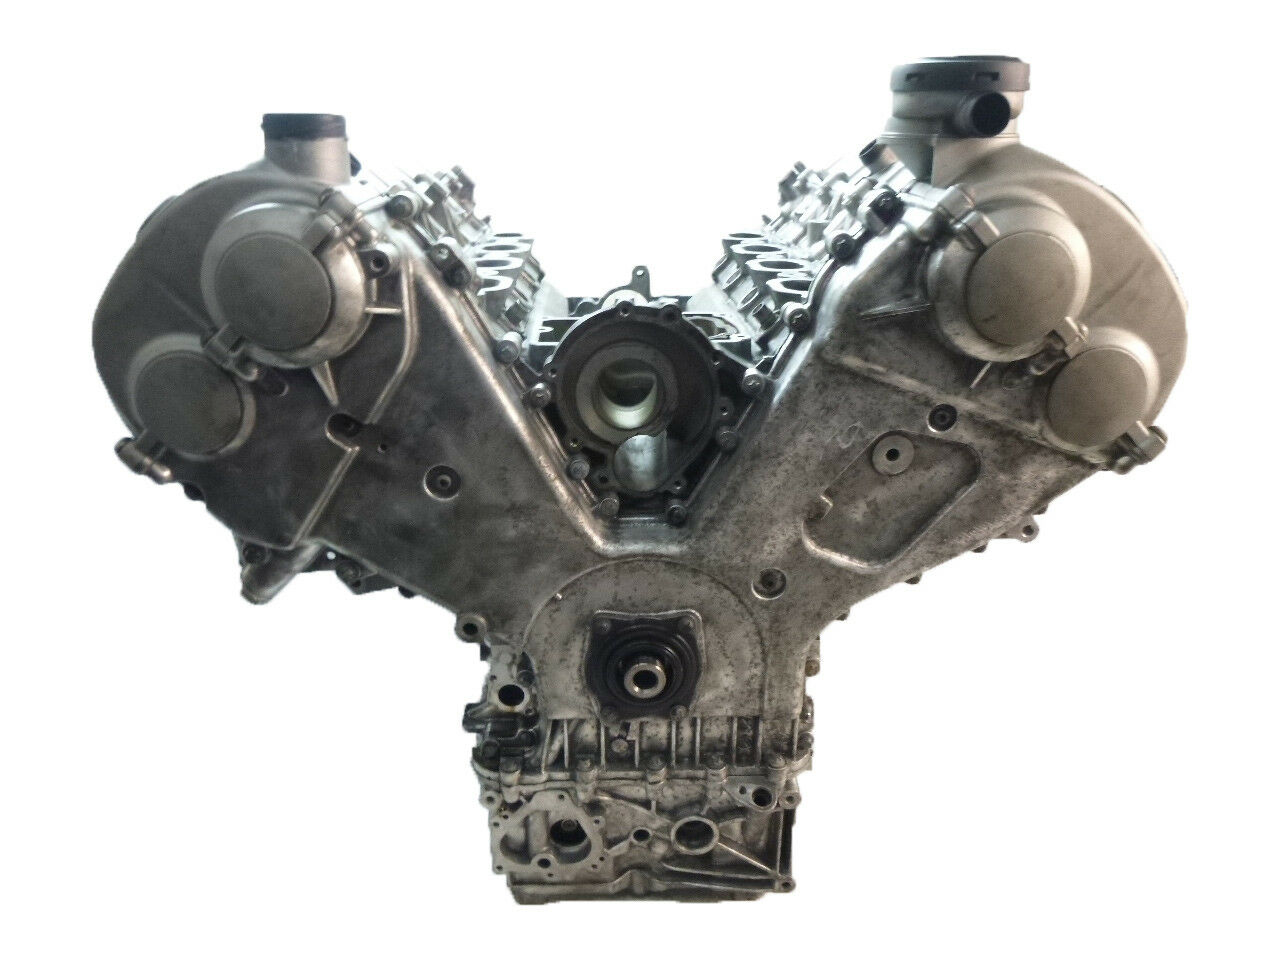 Motori Revisione Riparazione Riparazione Porsche Cayenne 4,5 Turbo M48.50 48.50